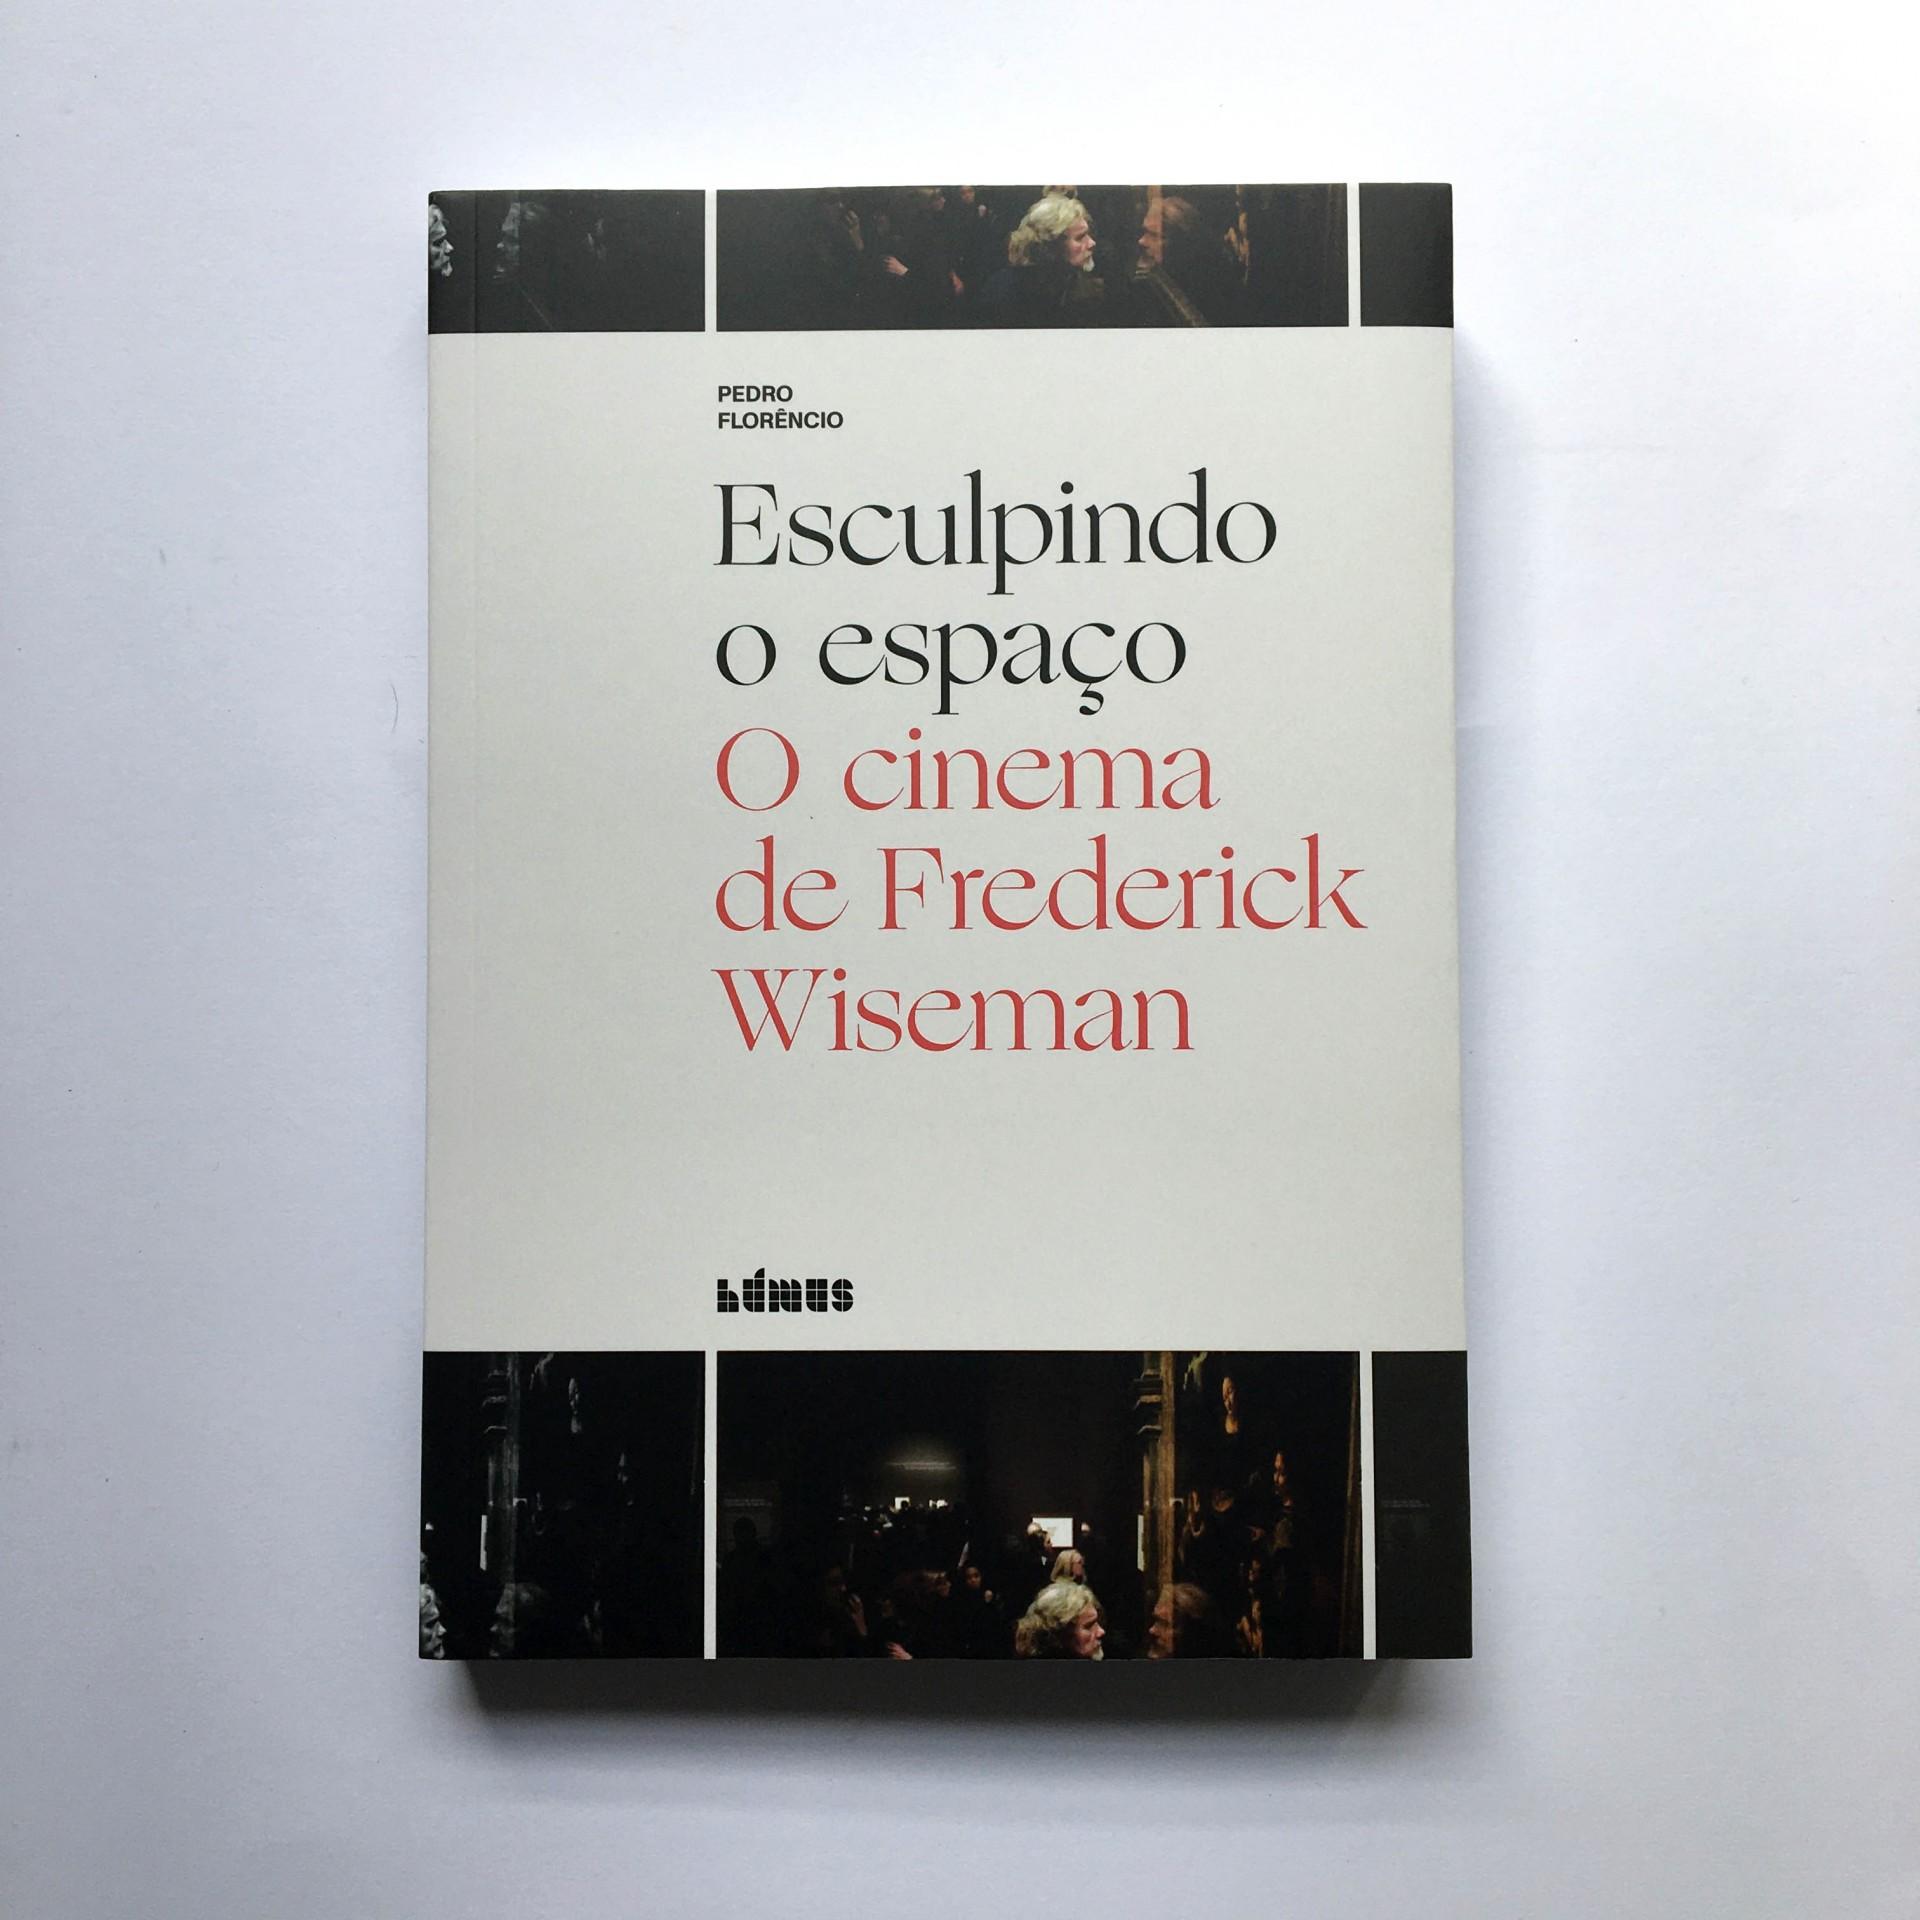 Esculpindo o Espaço - O cinema de Frederick Wiseman